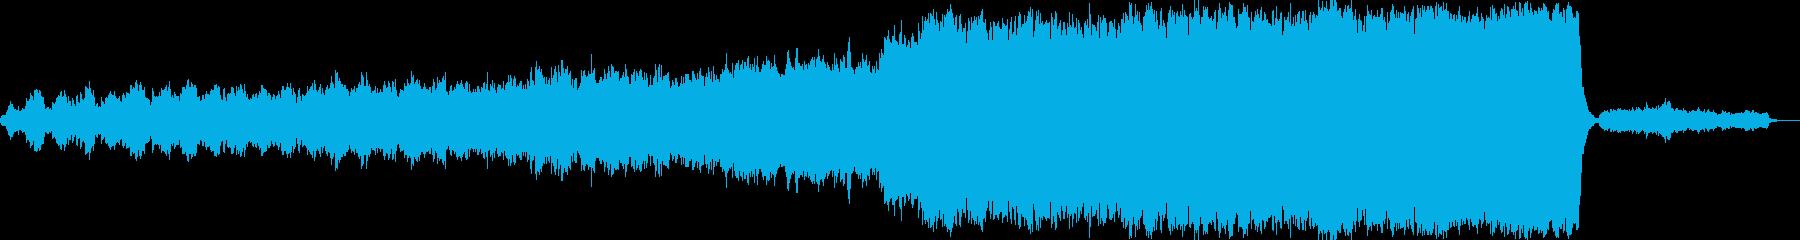 イギリスのクリスマスキャロルの再生済みの波形